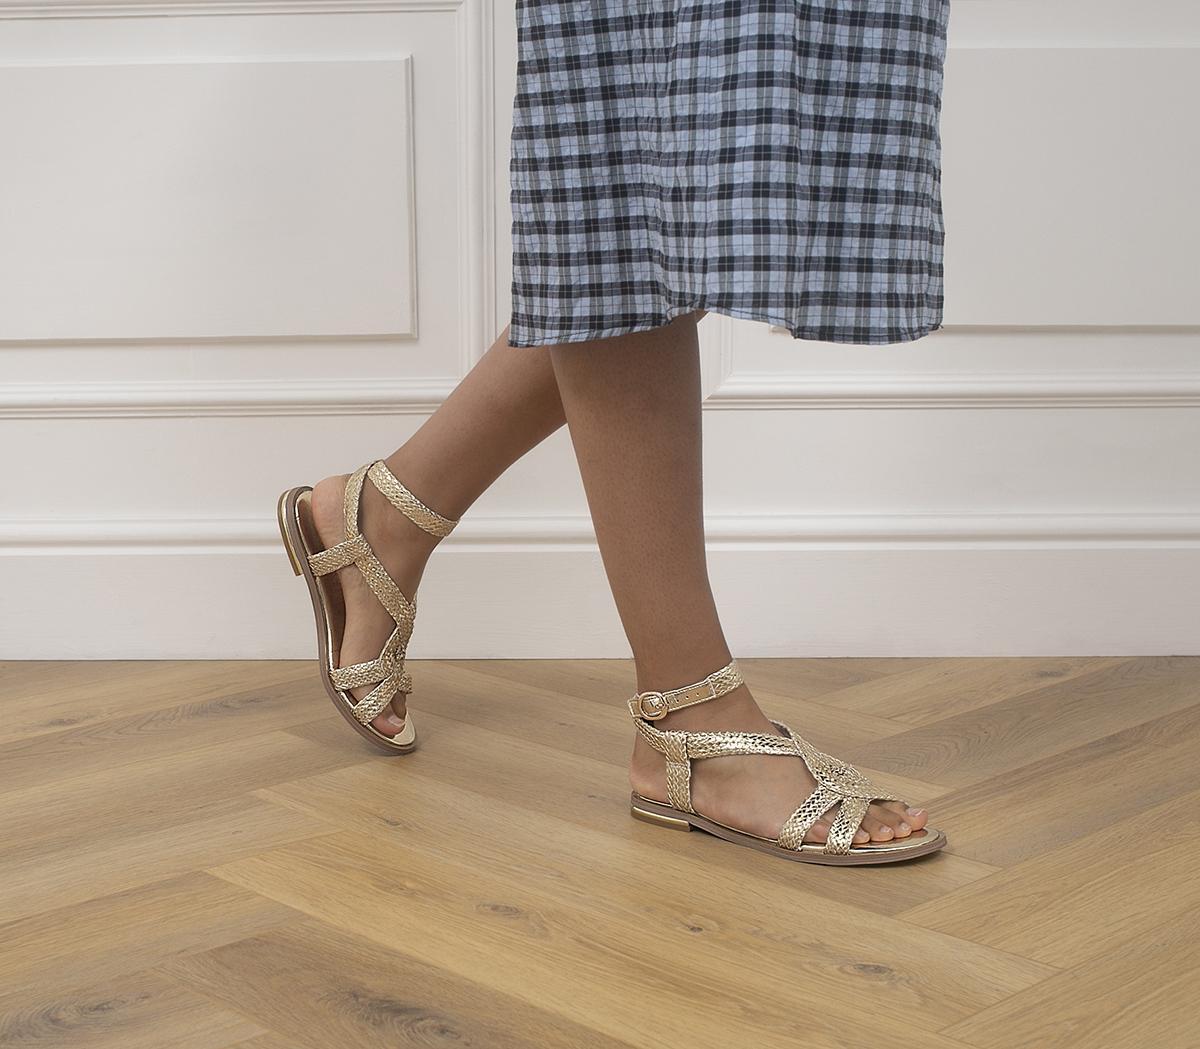 Spiritual Woven Sandals